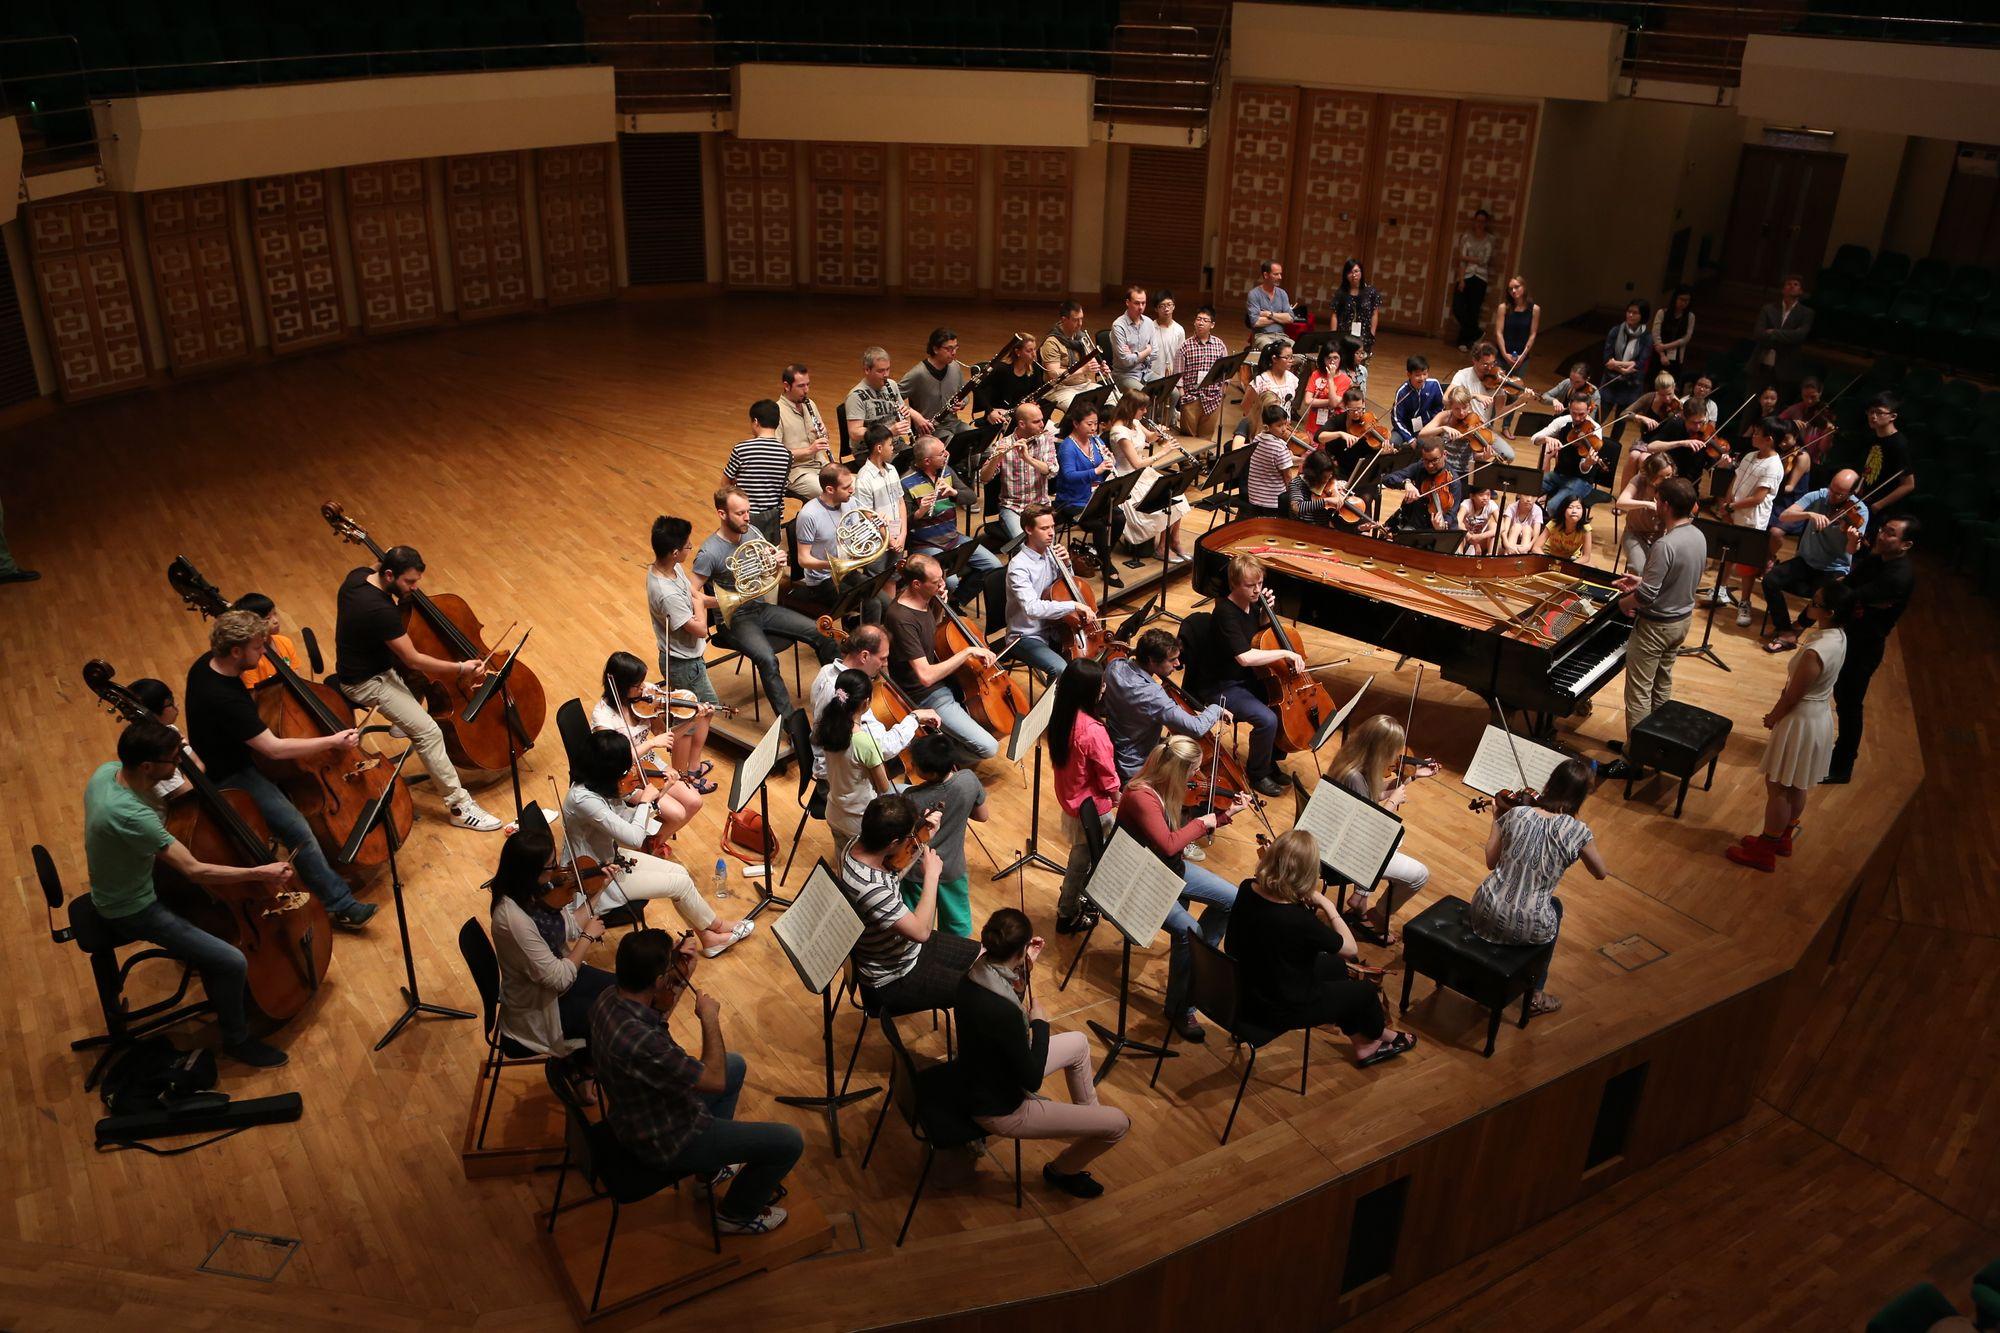 整個馬勒室樂團為同學演奏貝多芬,他們與樂手一同分享舞台。